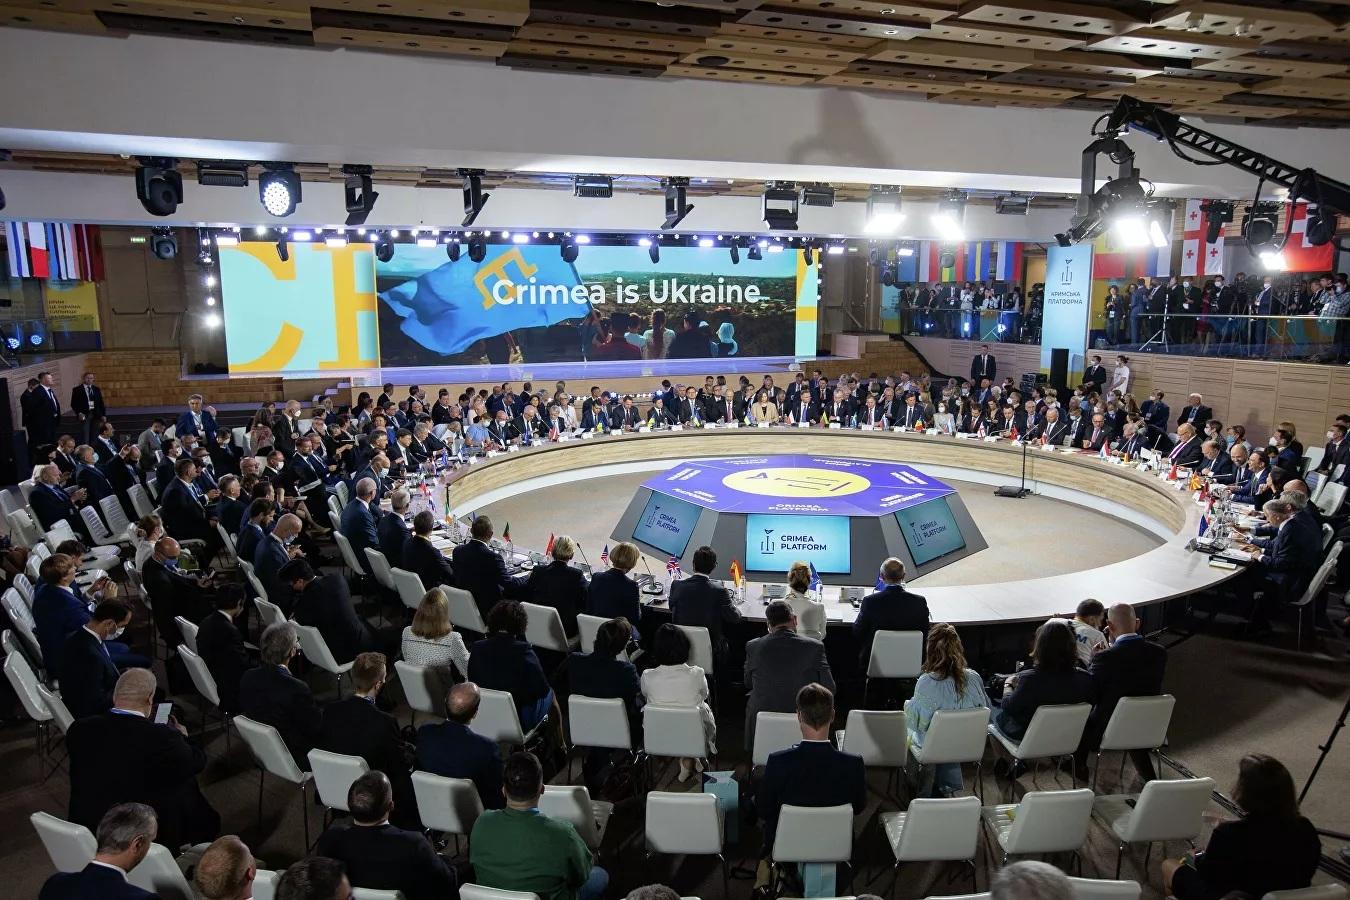 Nga cảnh báo 'nóng' về hội nghị thượng đỉnh 'Nền tảng Crimea' ở Ukraine